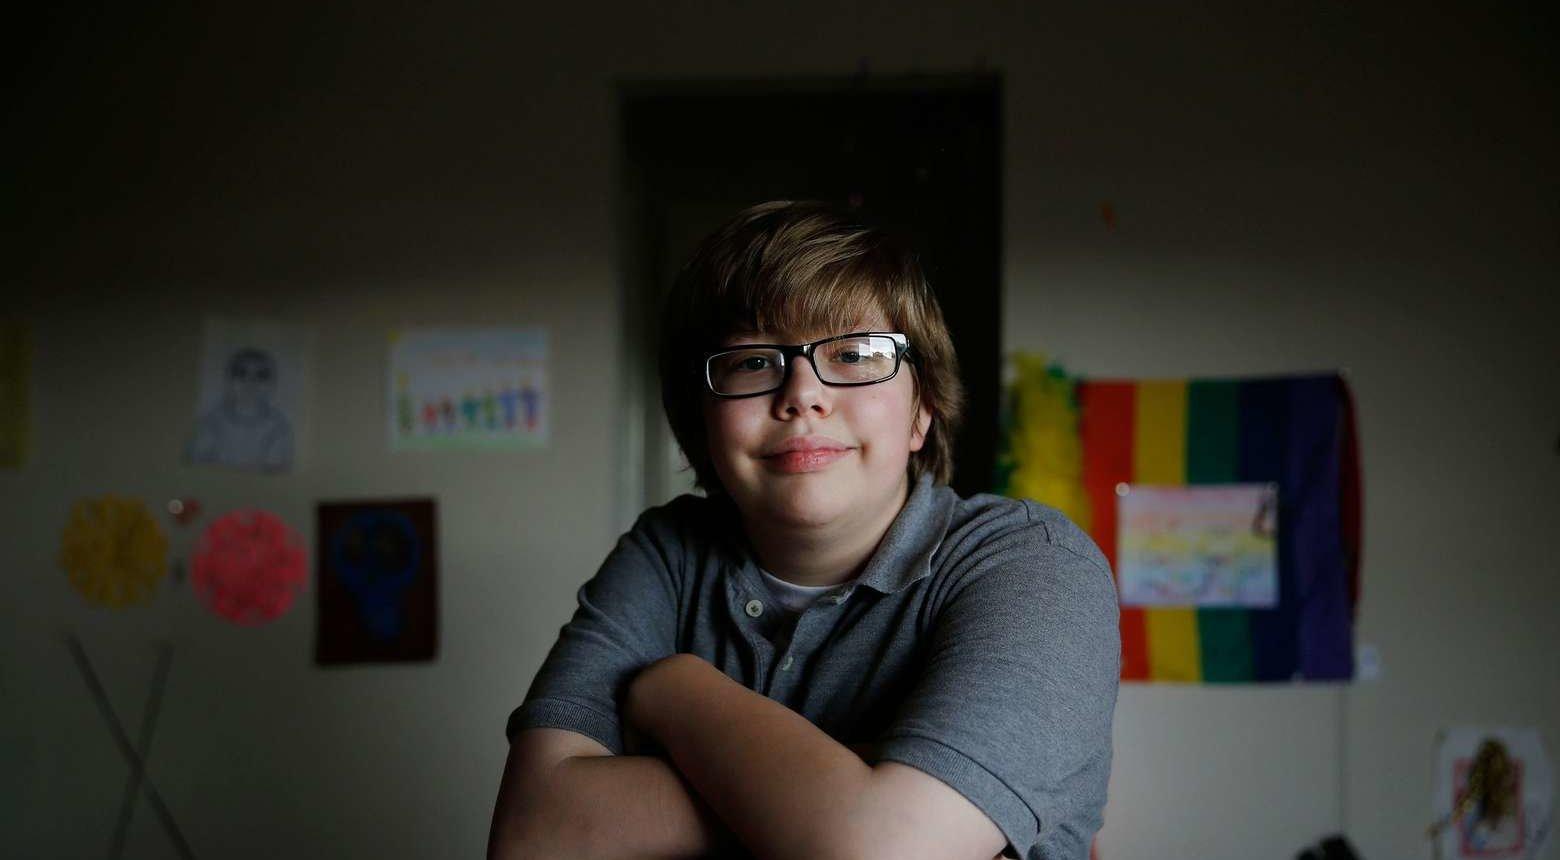 Trans Çocukları Konu Alan Tartışmalı Belgeselin Yayını Ertelendi